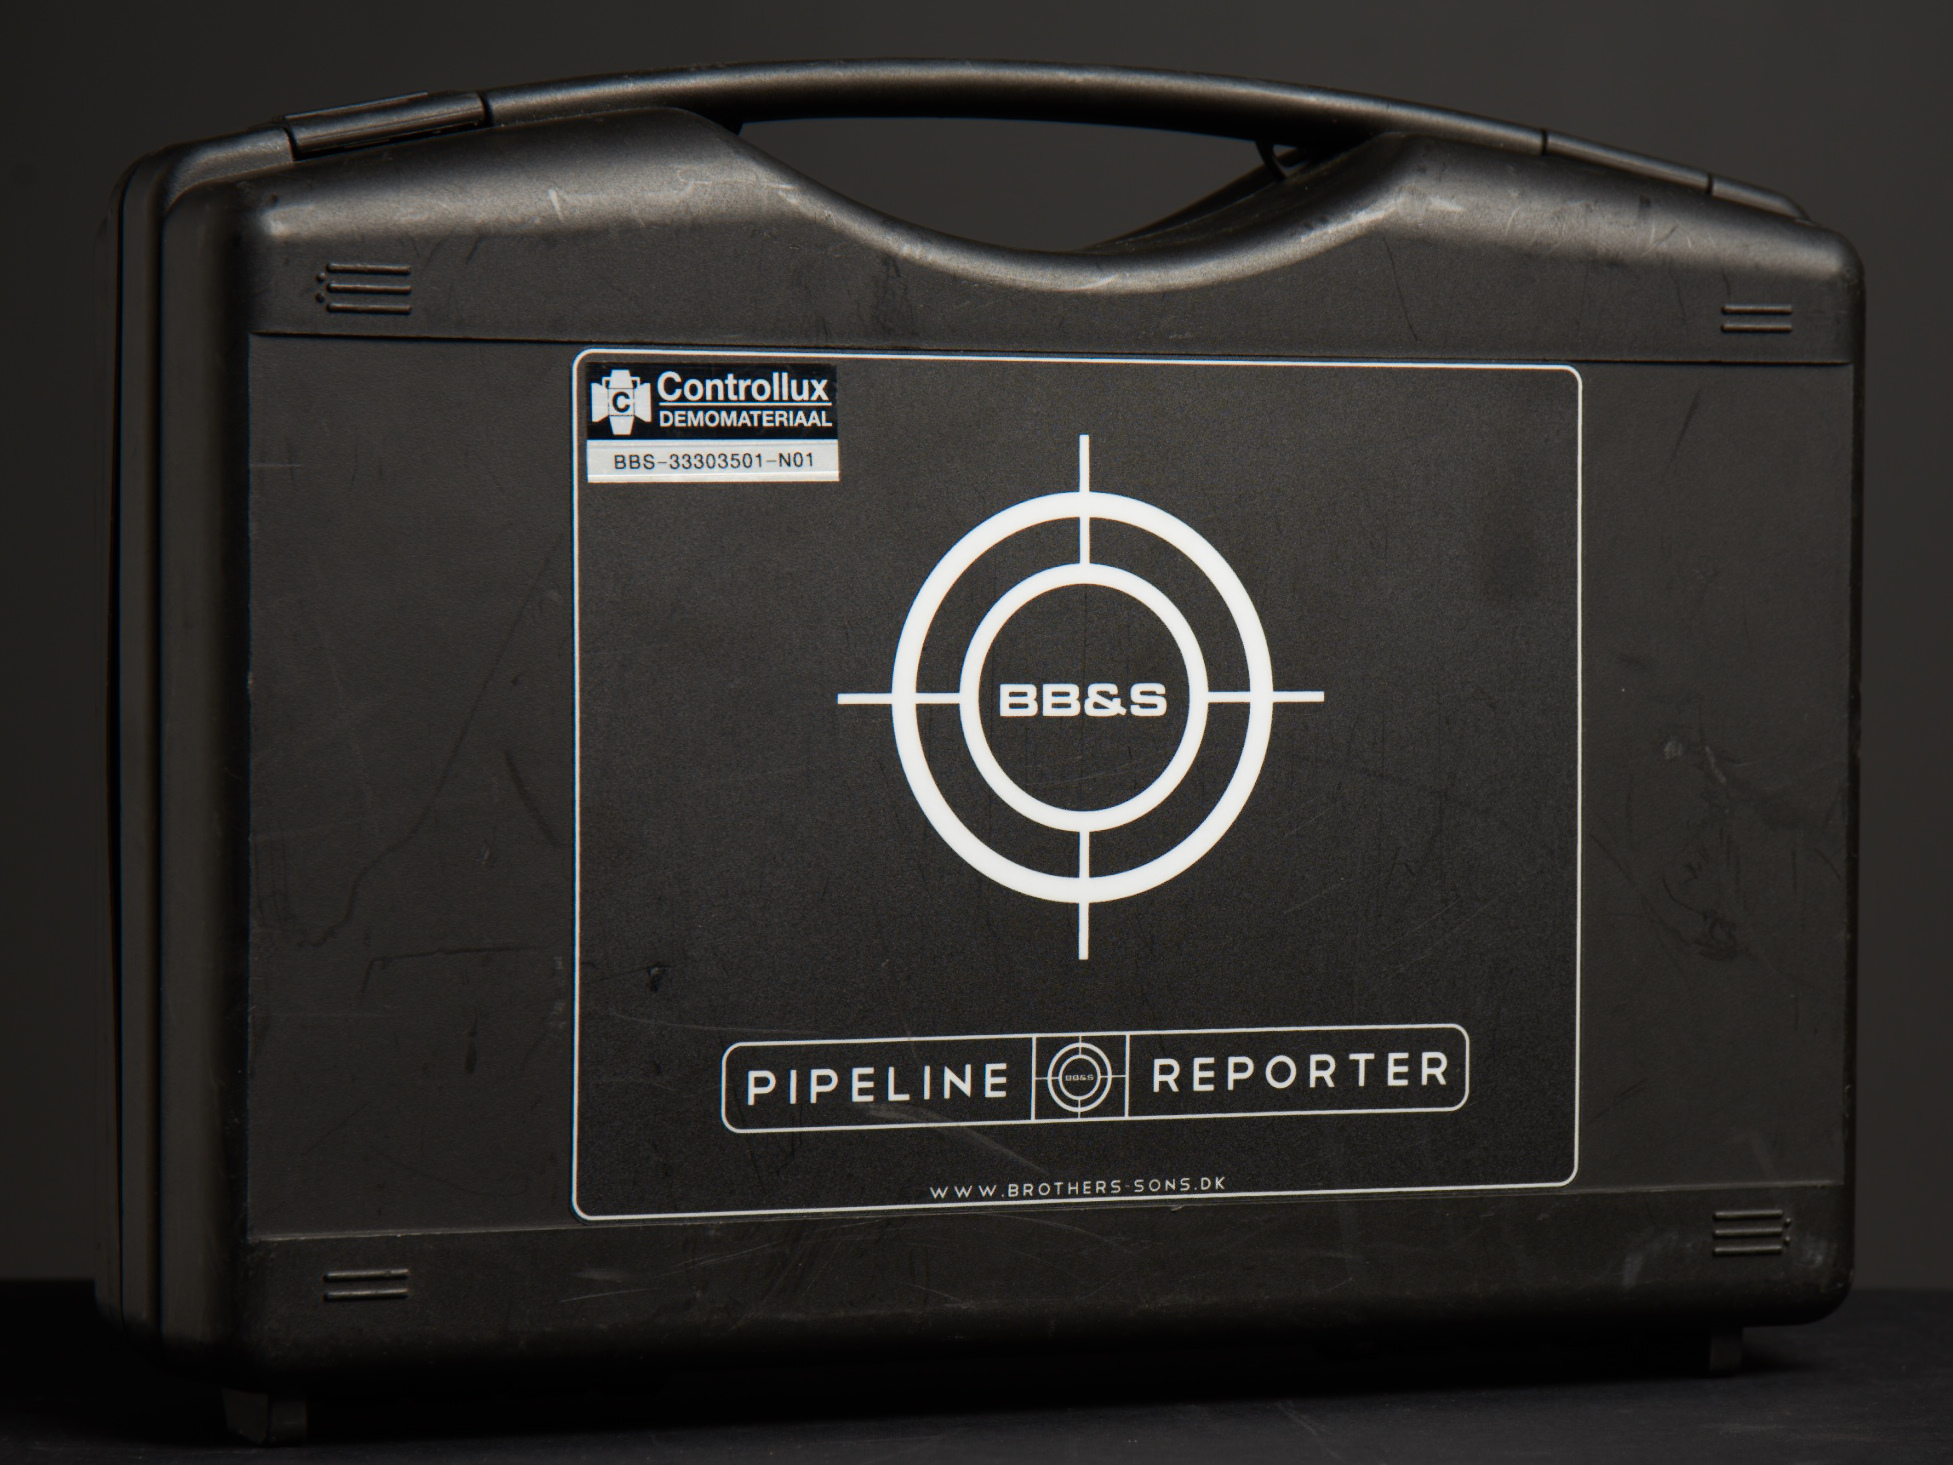 2015_10_19 Pipeline reporter0655_blog 1.jpg